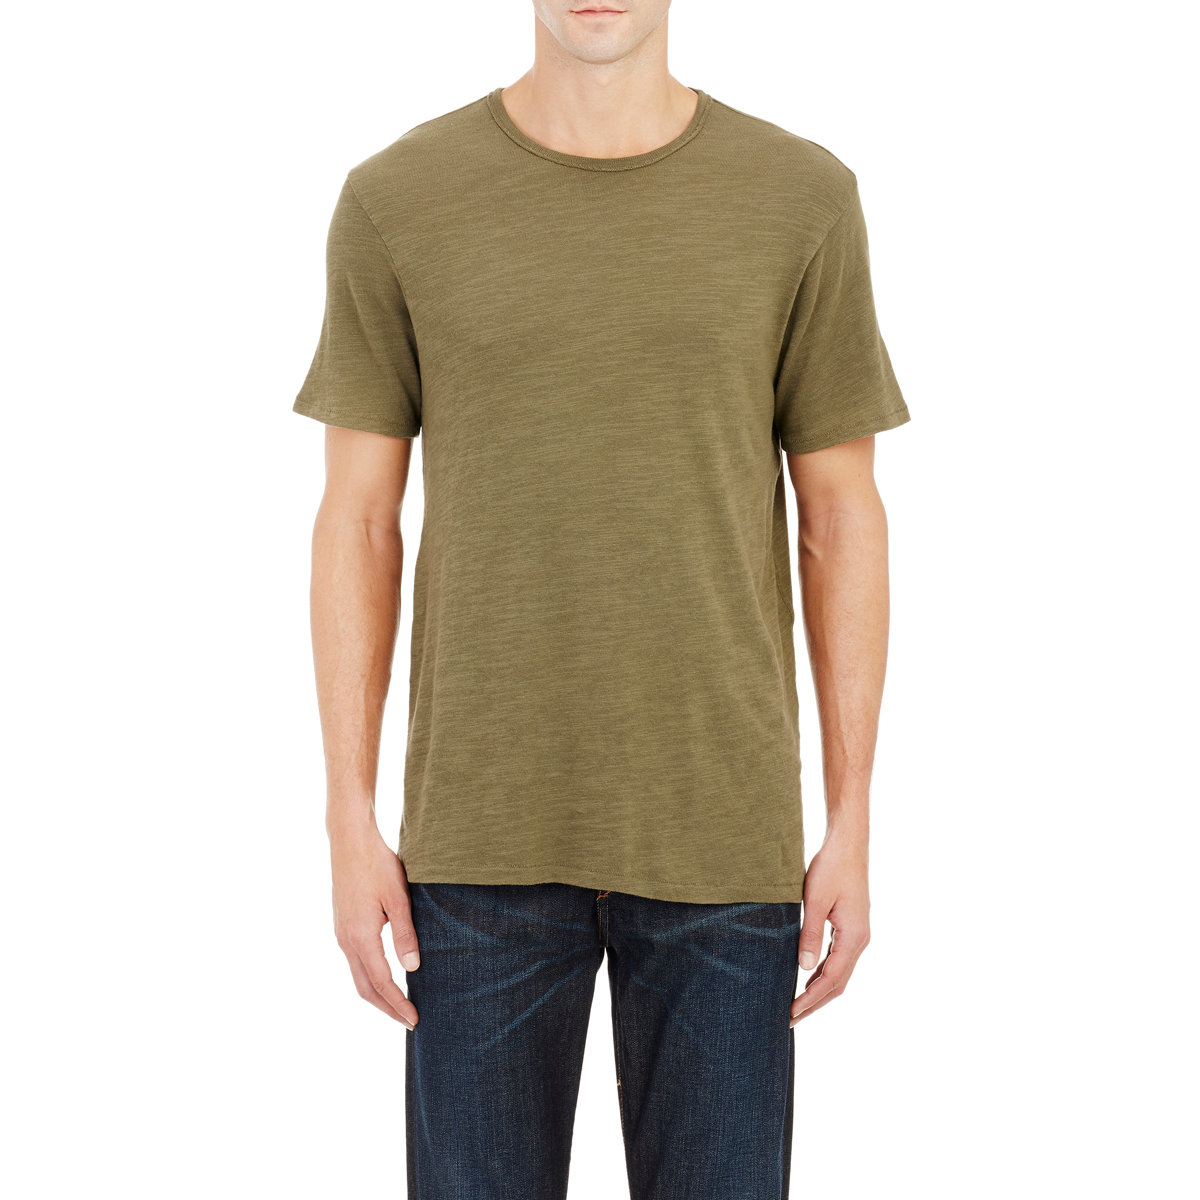 Rag bone men 39 s slub t shirt in green for men lyst for Rag bone shirt